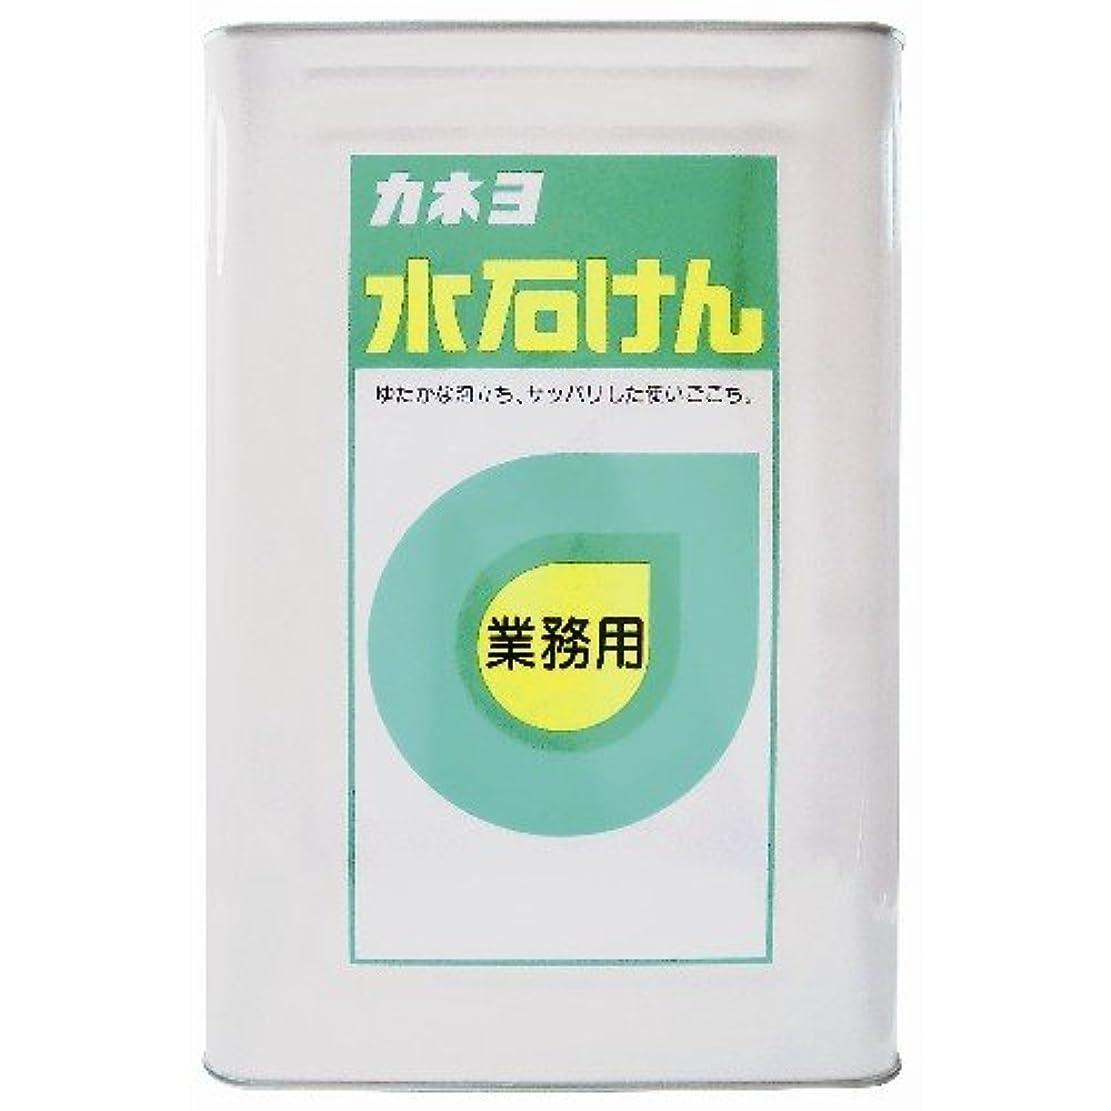 しなやかな前にキャッチ【大容量】 カネヨ石鹸 ハンドソープ 水石けん 液体 業務用 18L 一斗缶